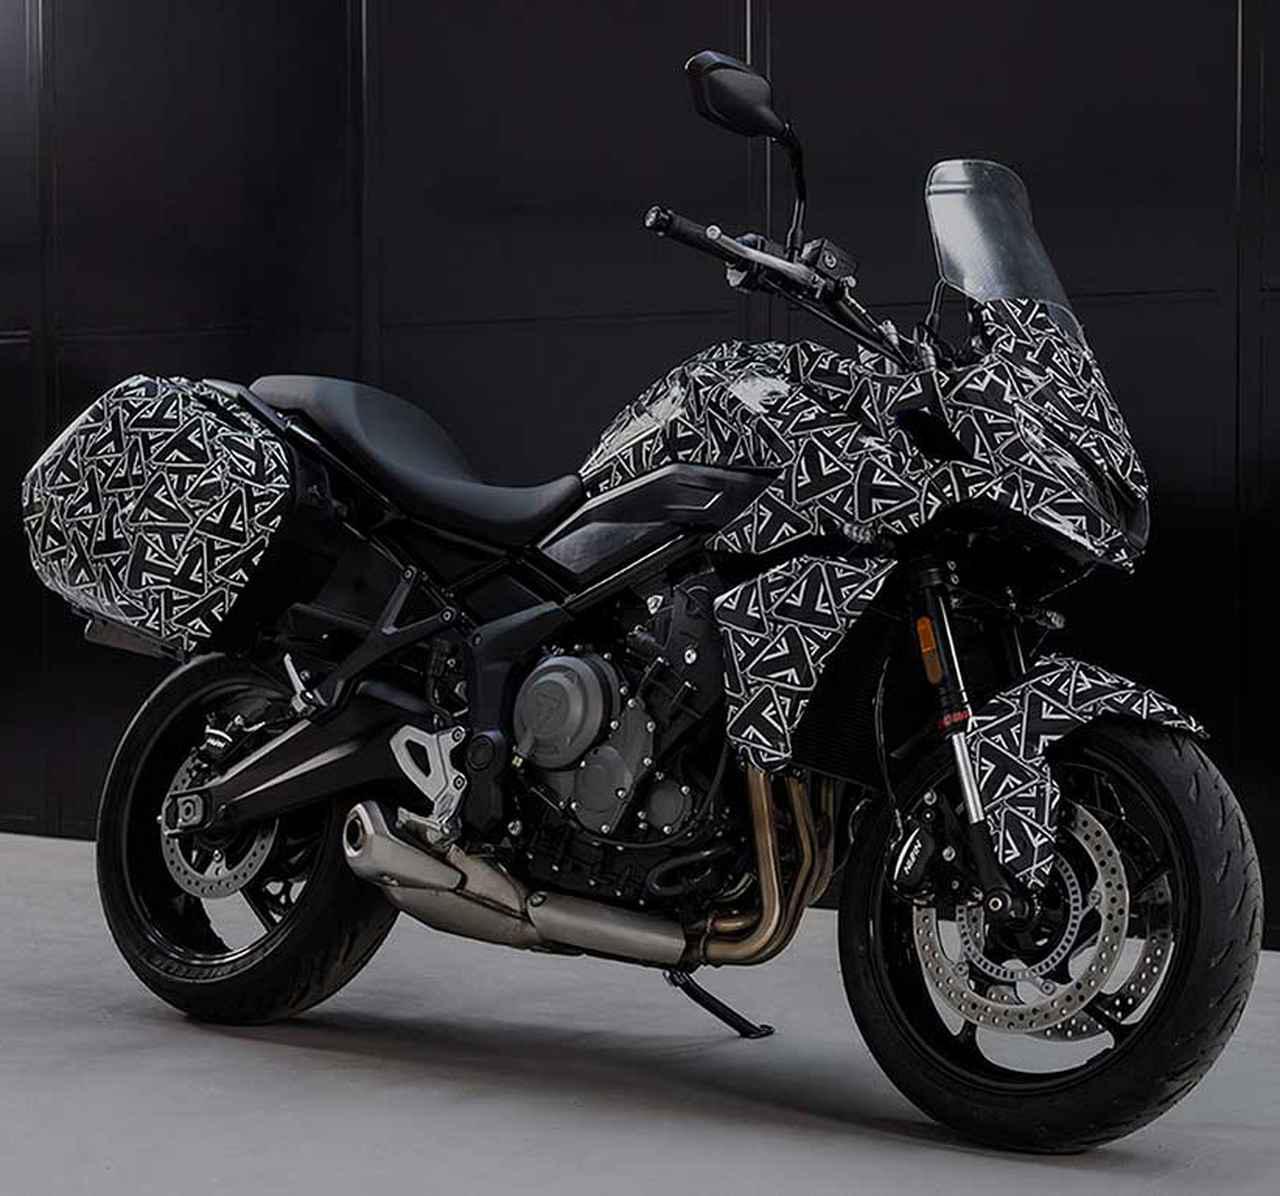 画像: トライアンフ2022年モデル速報|「スピードトリプル1200RR」「タイガースポーツ660」新型「タイガー1200」にまずは注目 - webオートバイ